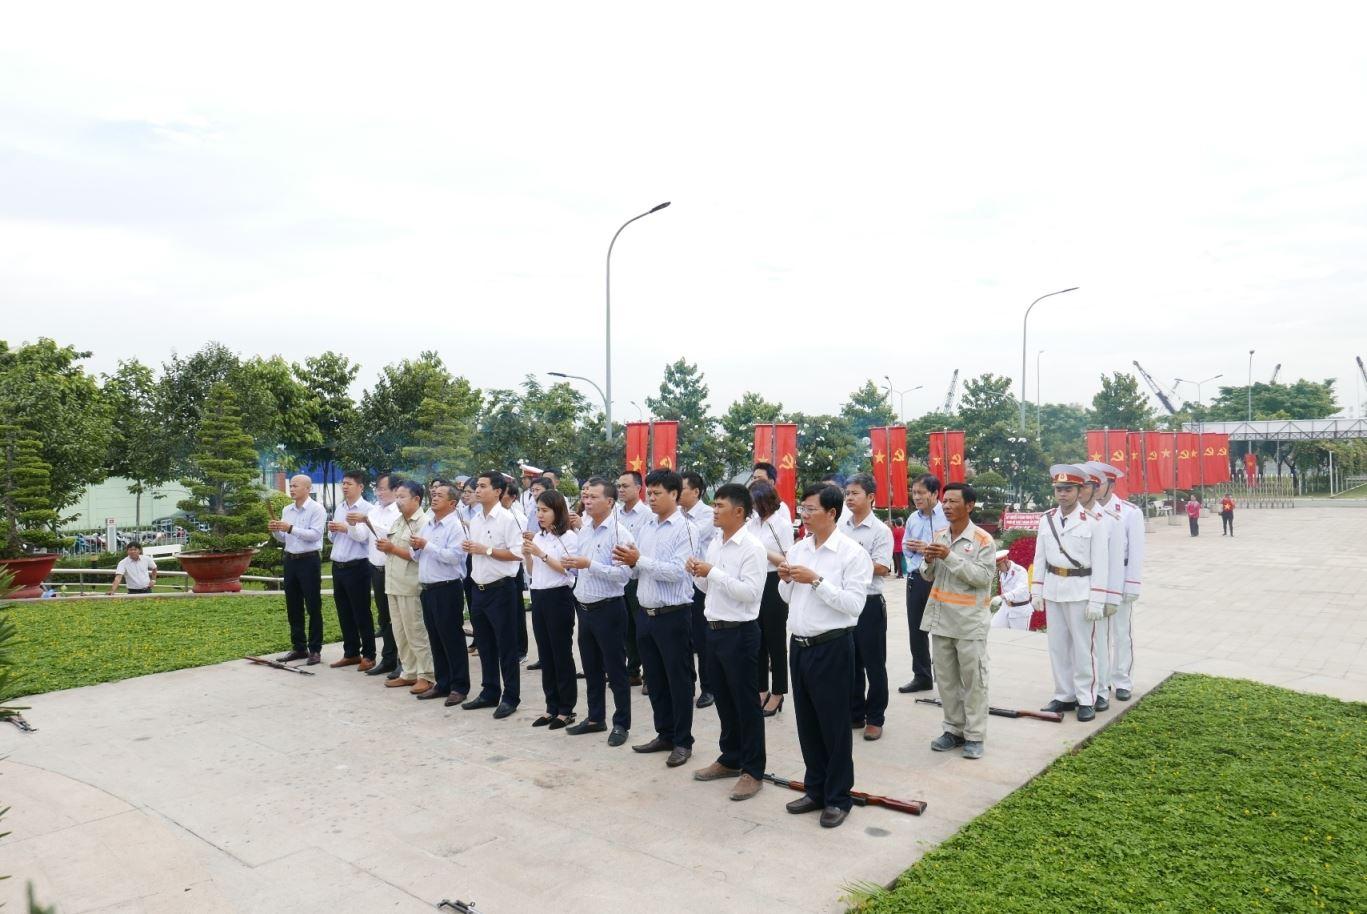 cc1-mekong-kinh-nho-anh-hung-liet-sy-27-07-19 (1)